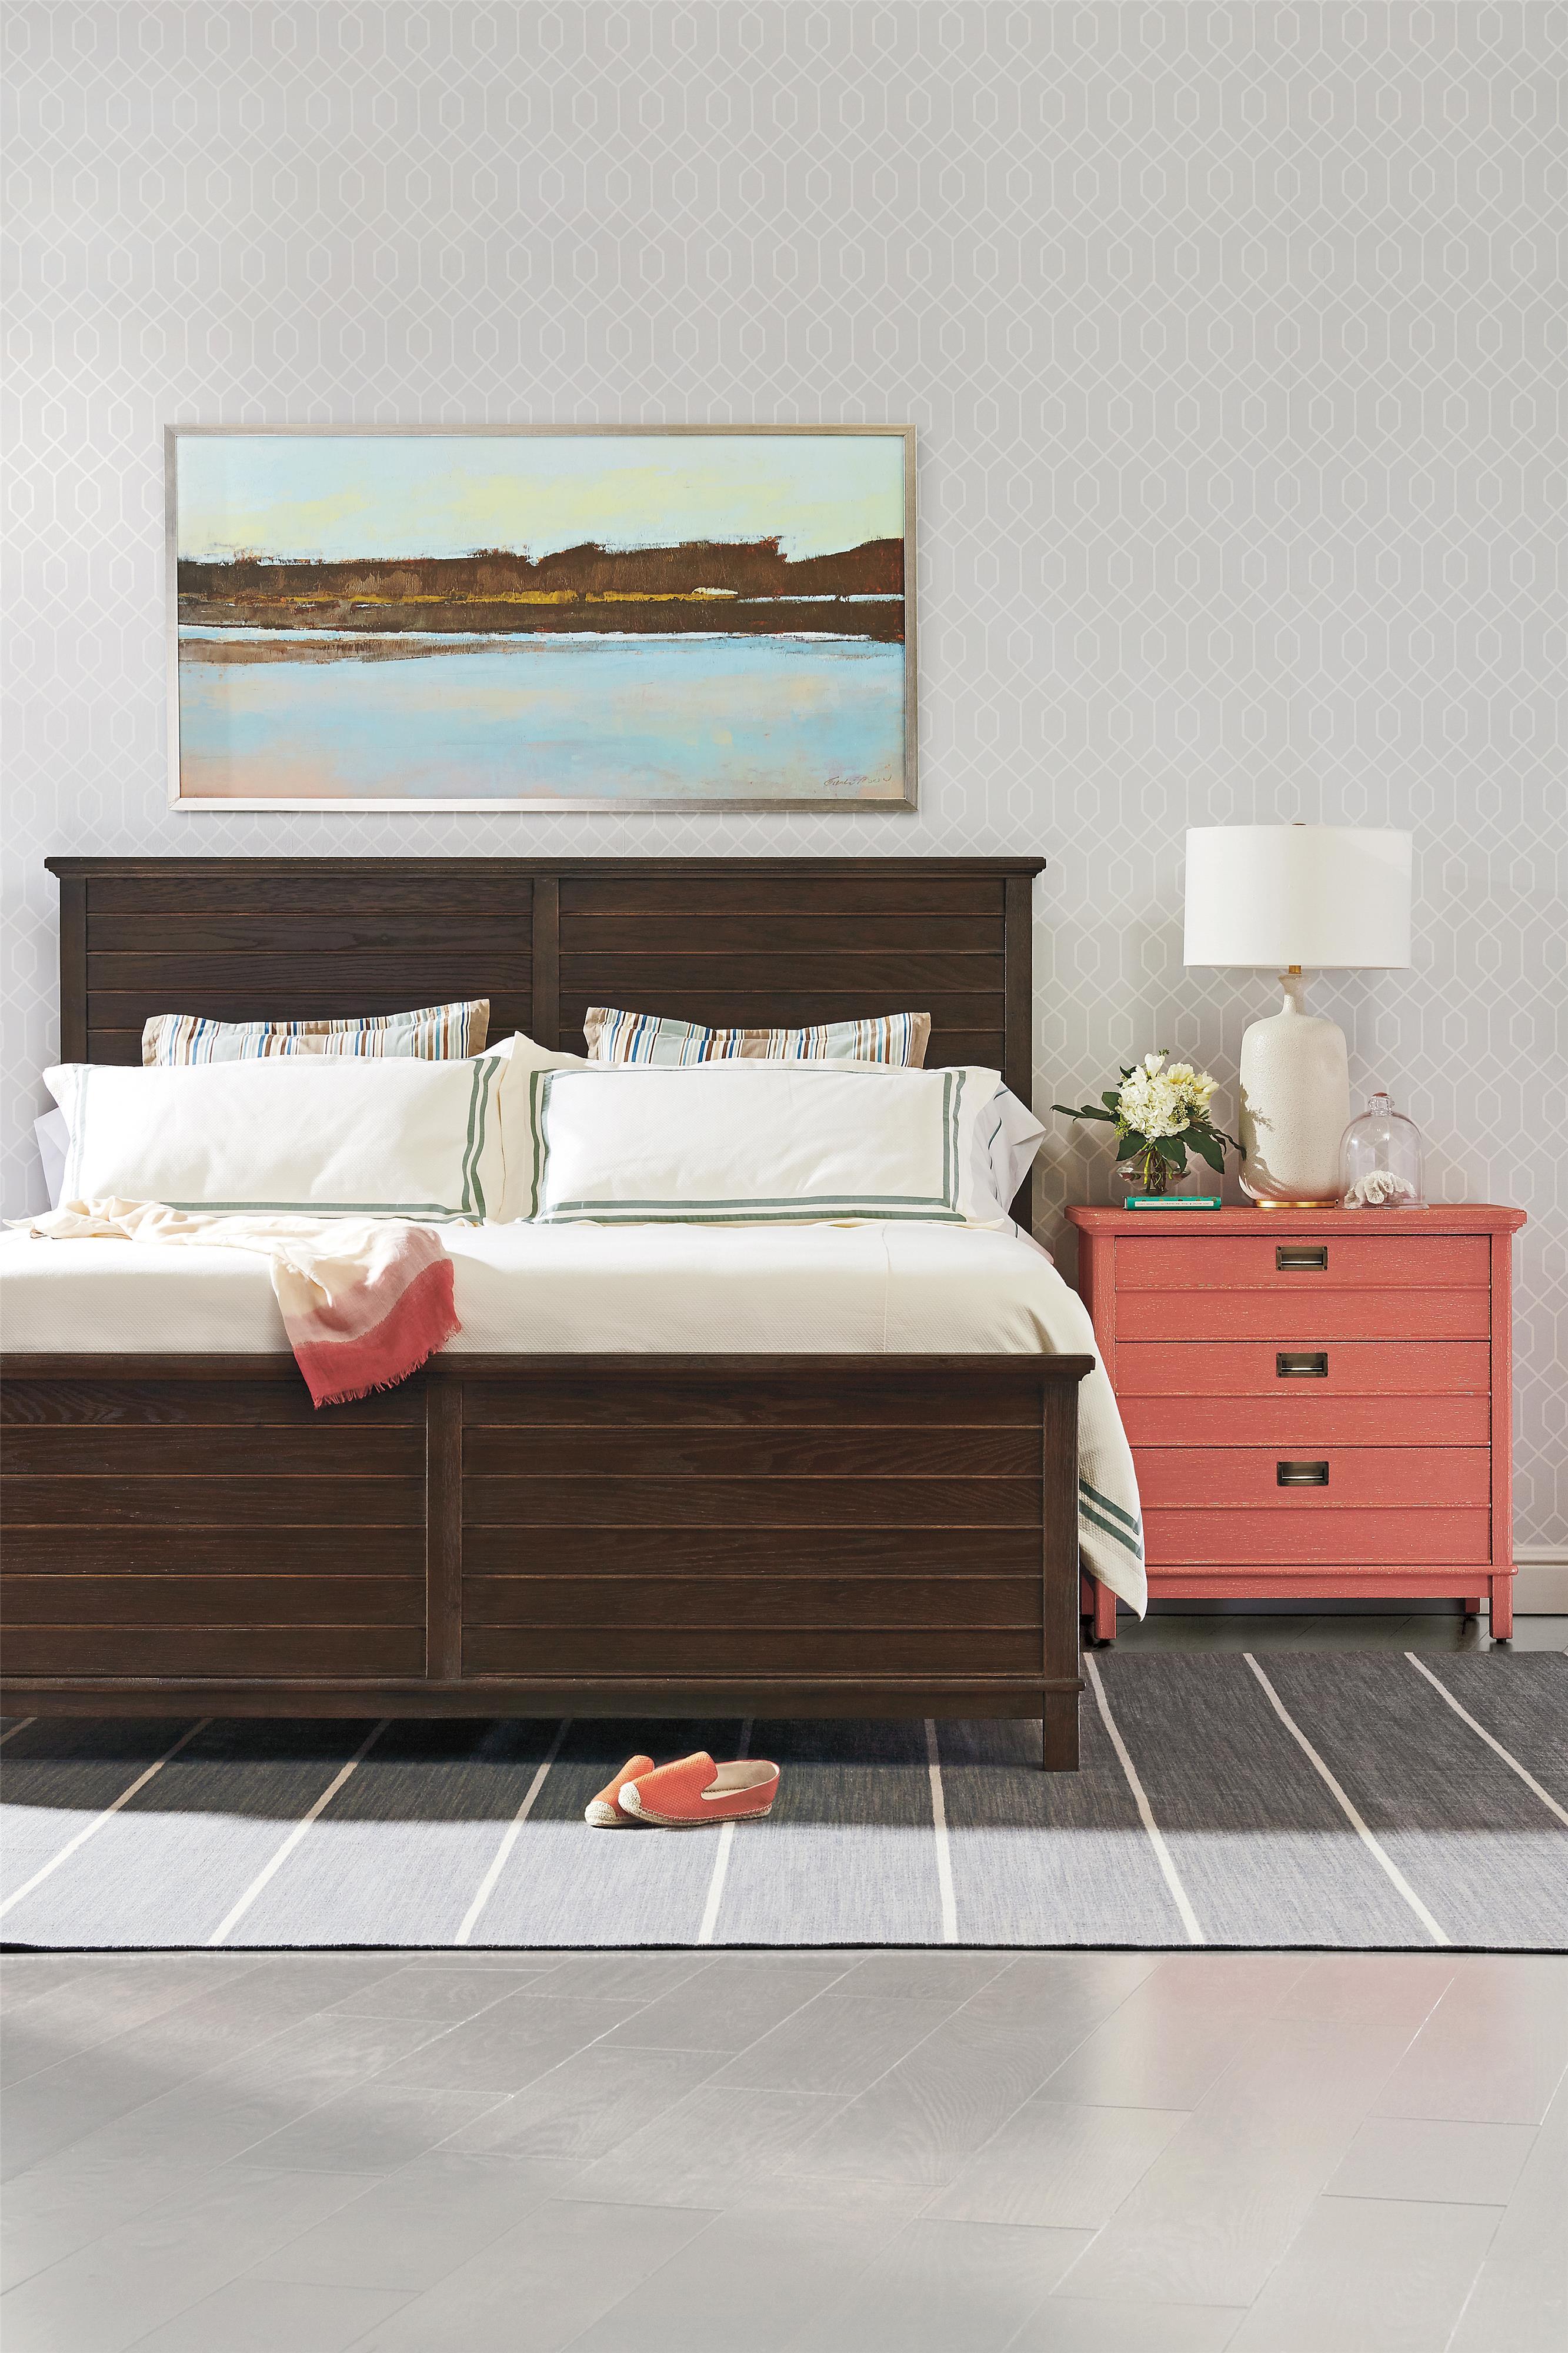 coastal living resort 062 1 by stanley furniture. Black Bedroom Furniture Sets. Home Design Ideas